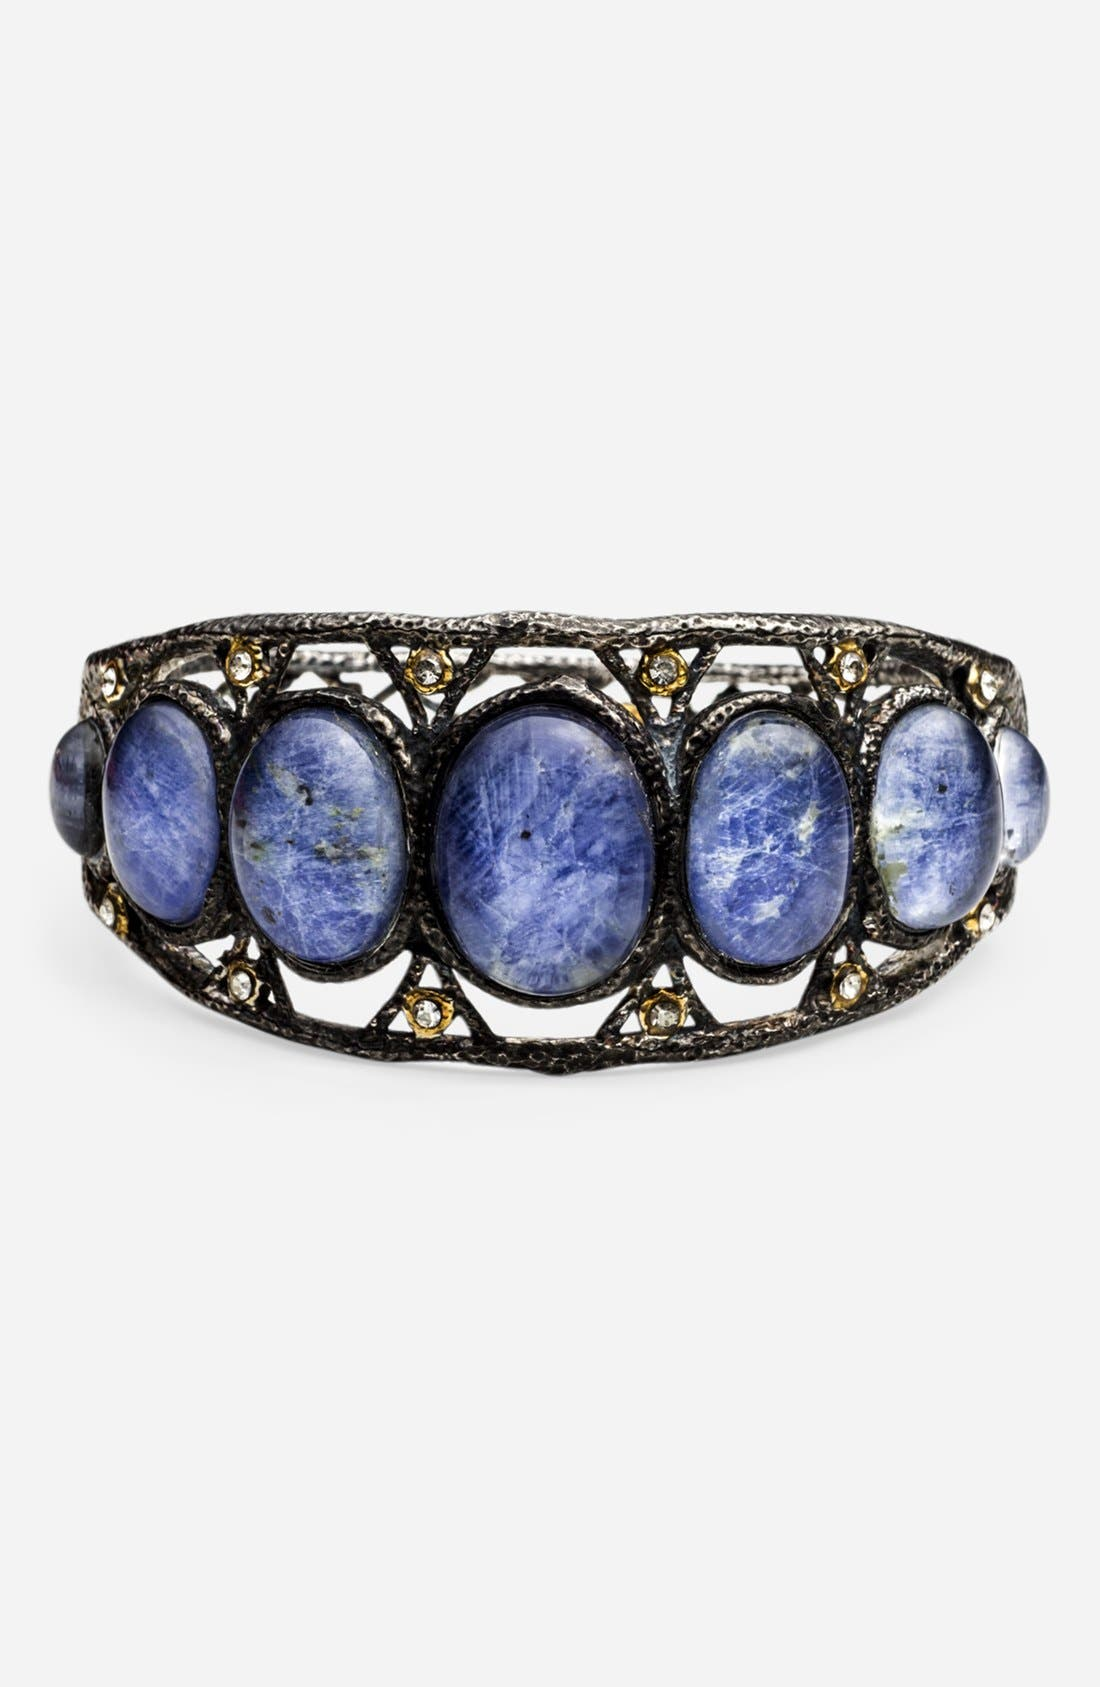 Main Image - Alexis Bittar 'Elements - Jardin de Papillon' Doublet Bracelet